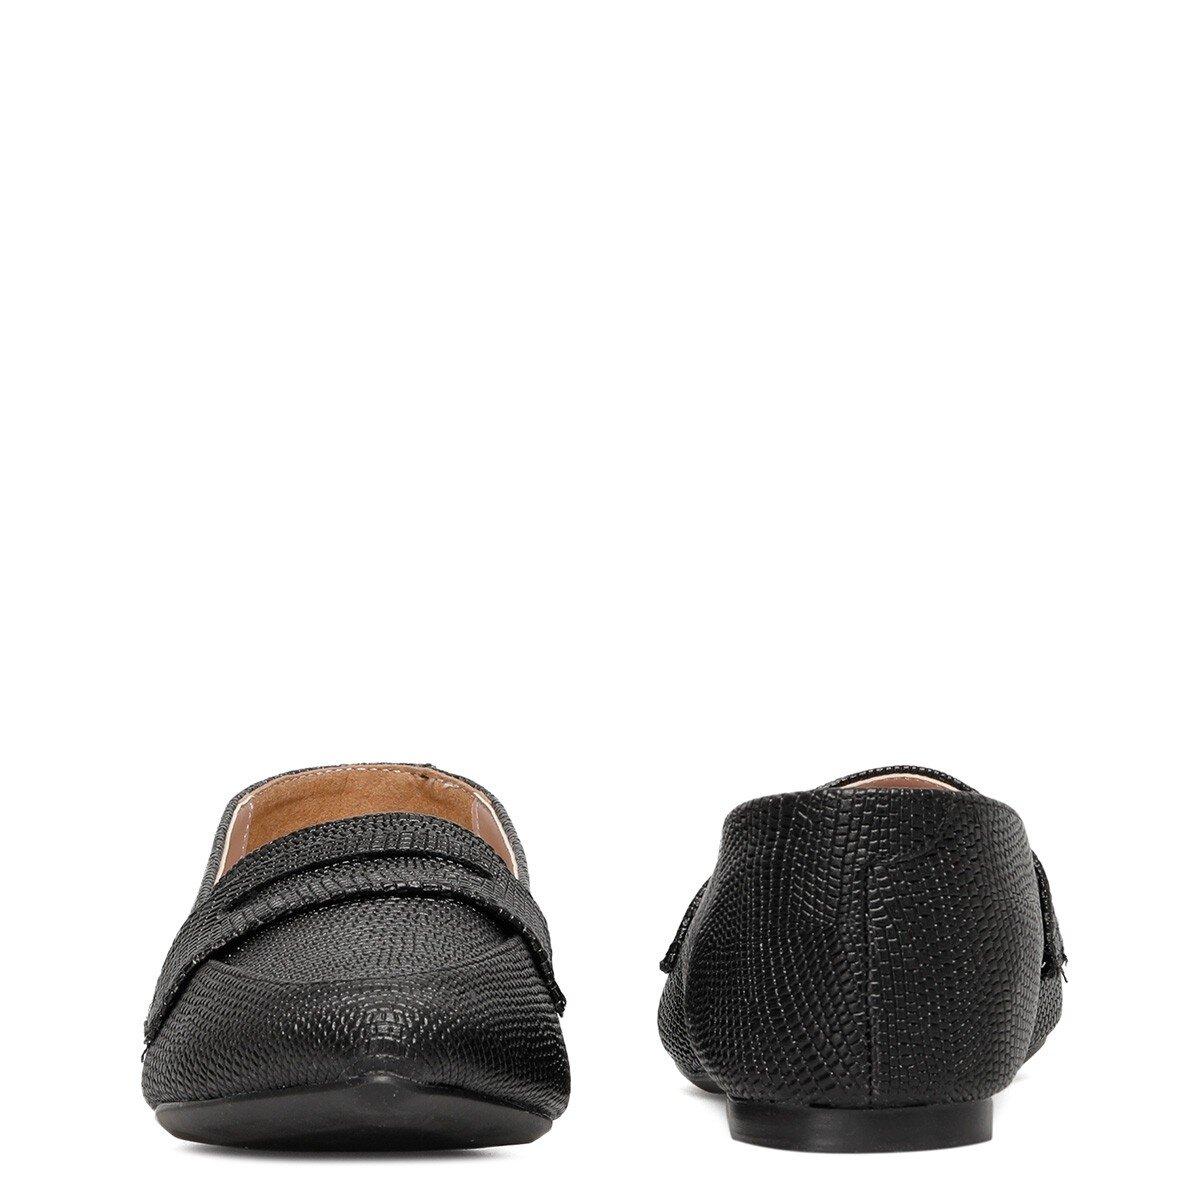 HANNINA 1FX Siyah Kadın Loafer